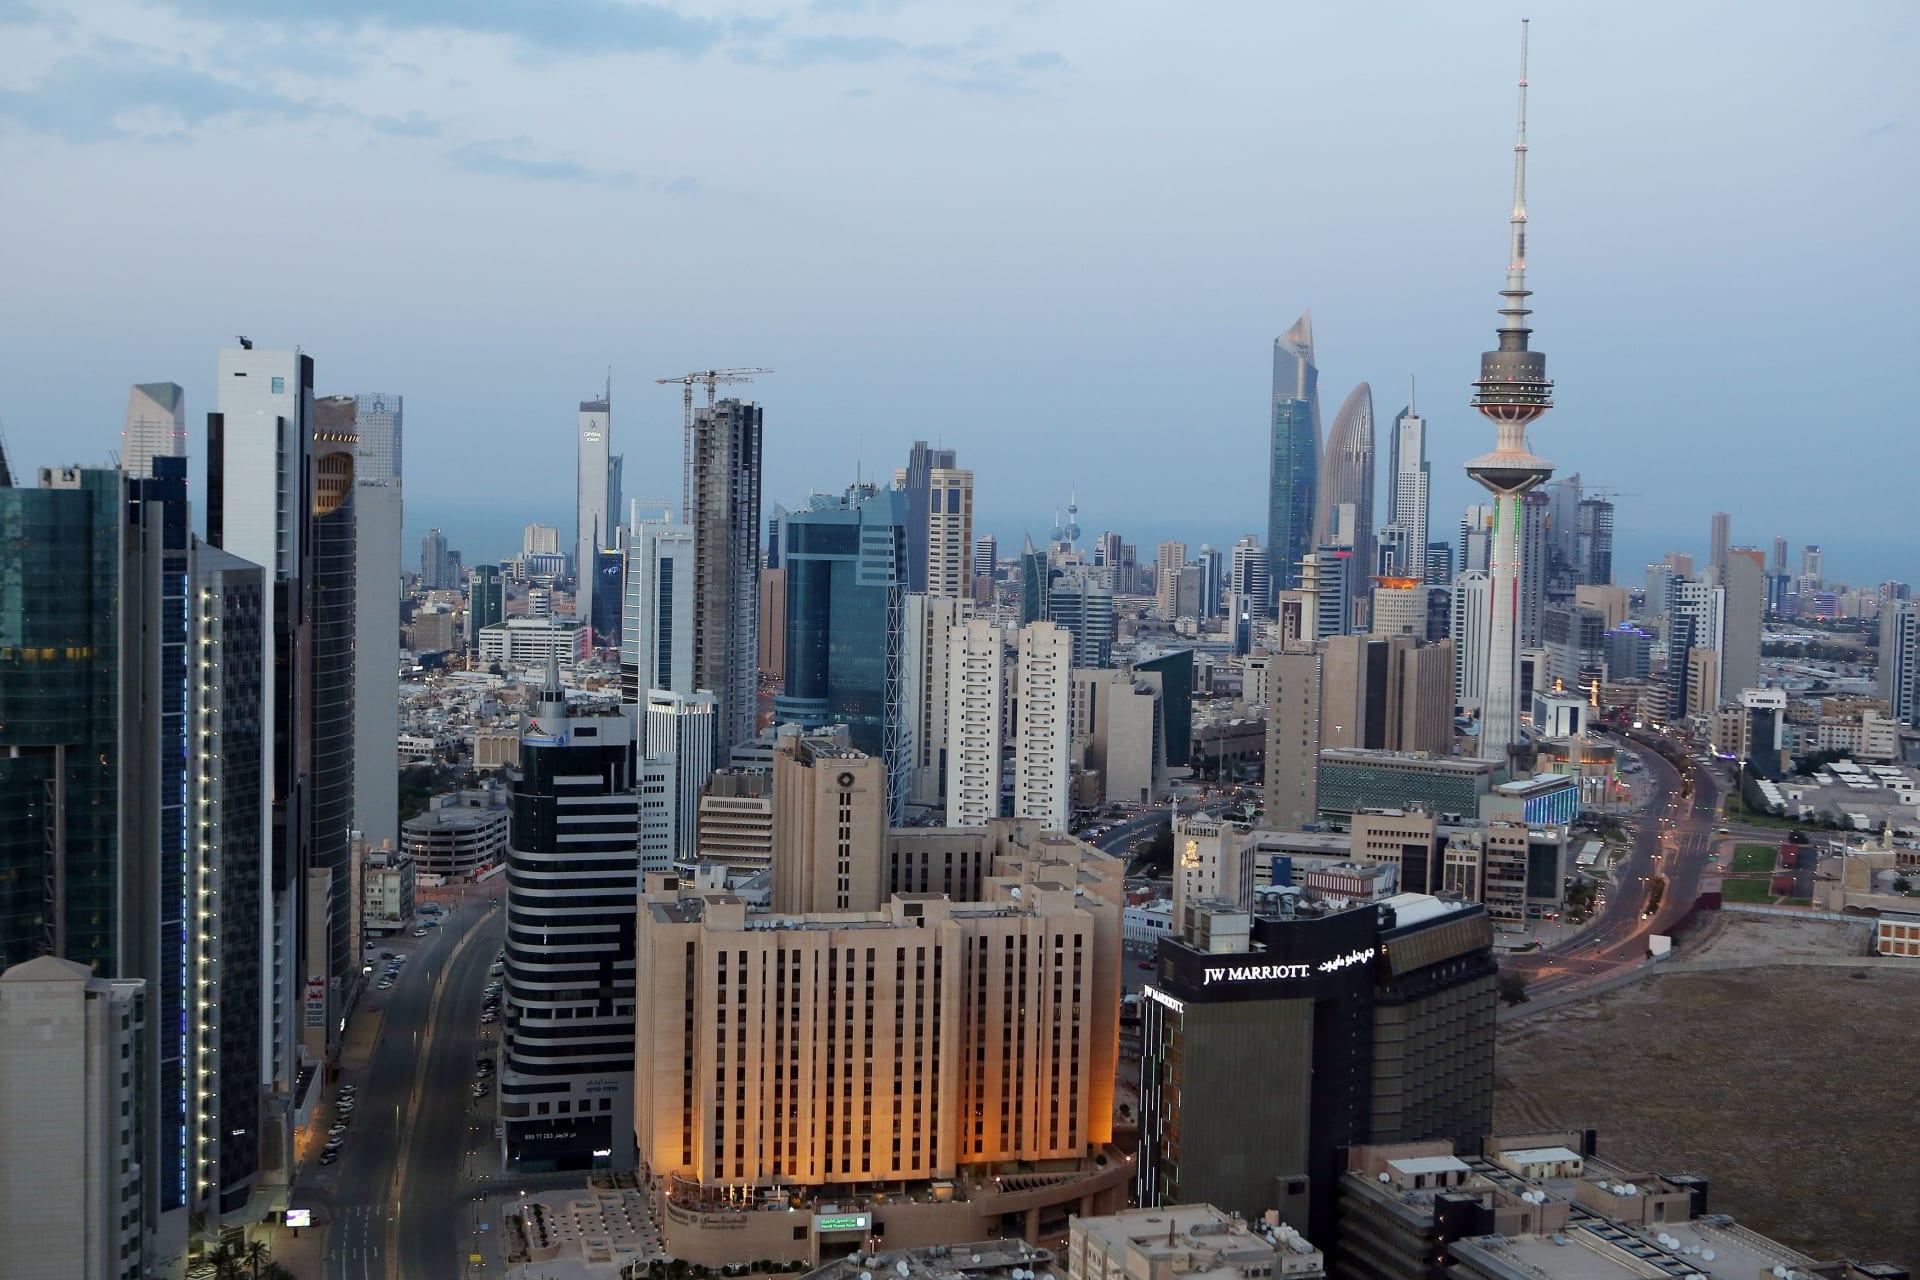 صورة تم التقاطها في 23 مارس 2020 ، تُظهر منظرًا عامًا للشوارع الخالية في الكويت، بعد يوم من إعلان السلطات حظر تجول على مستوى البلاد وسط جائحة فيروس كورونا